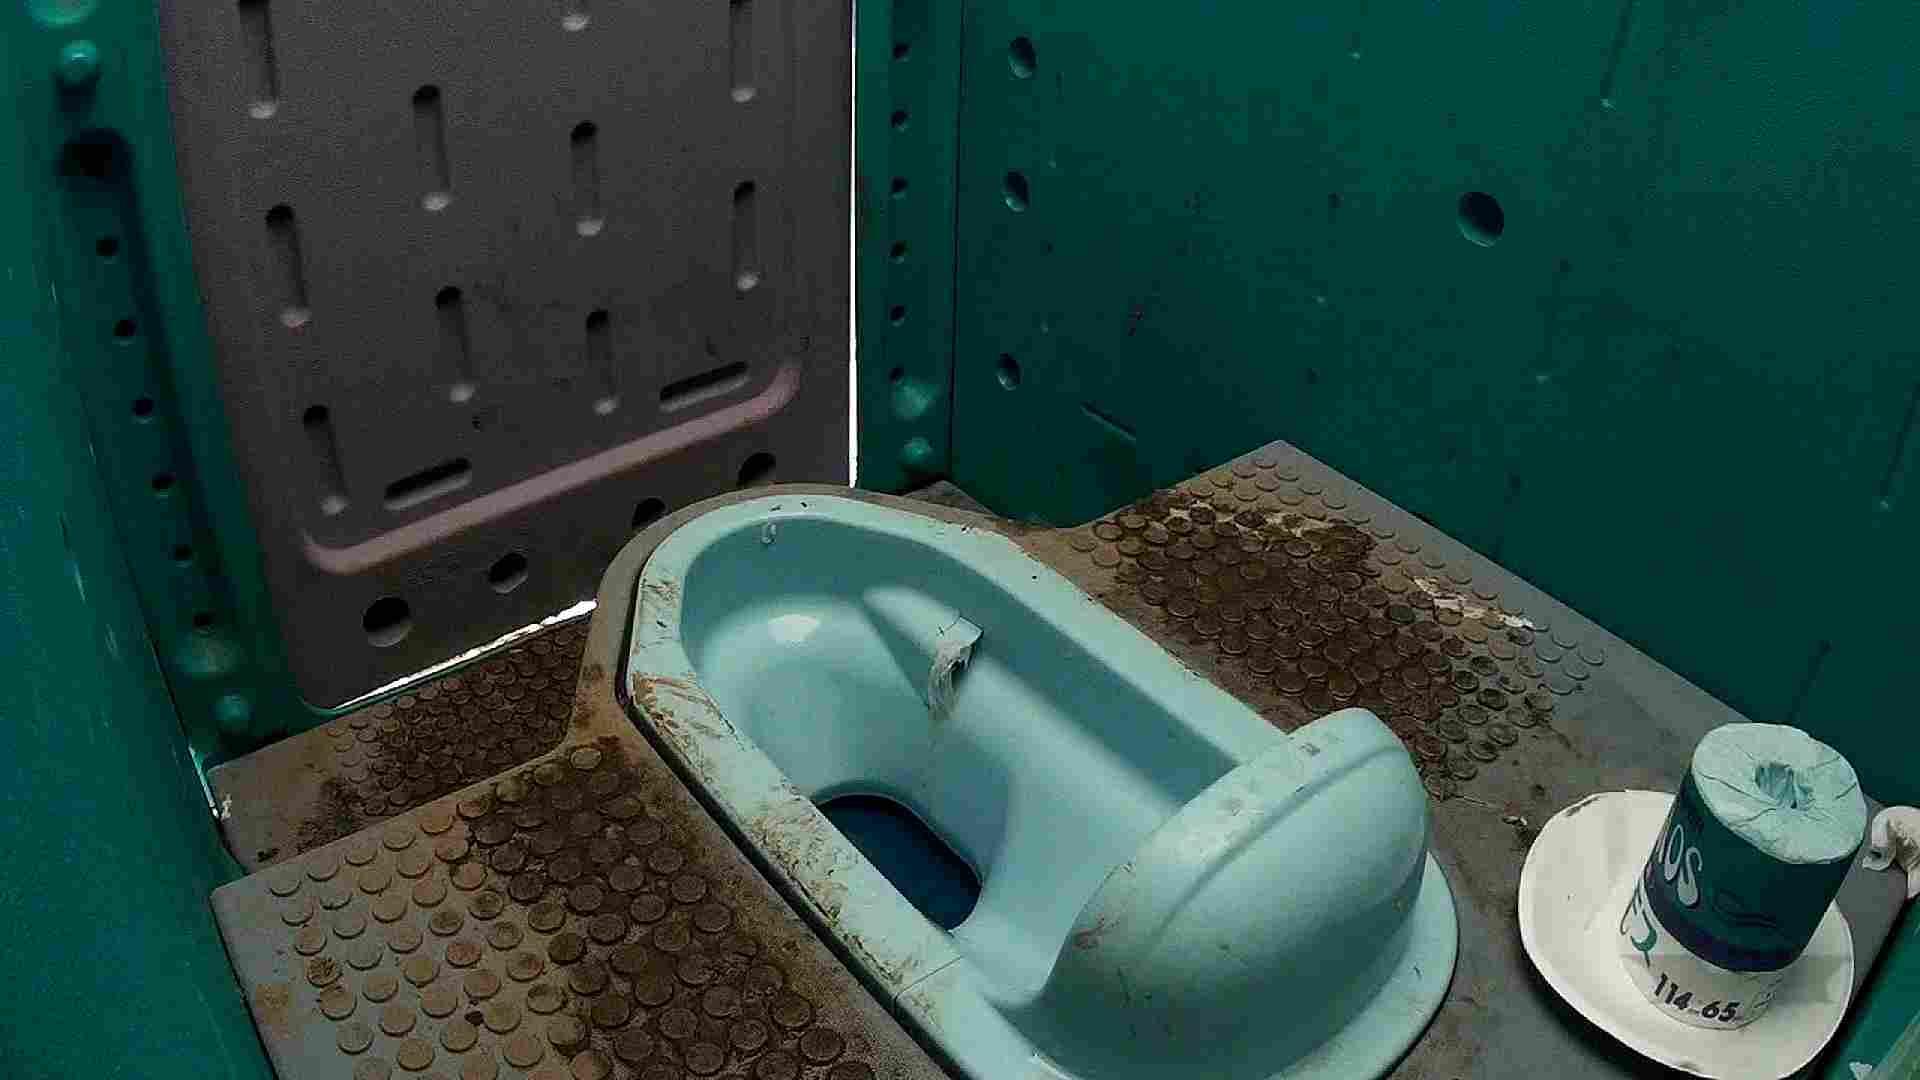 痴態洗面所 Vol.06 中が「マジヤバいヨネ!」洗面所 洗面所着替え | OL  100連発 60